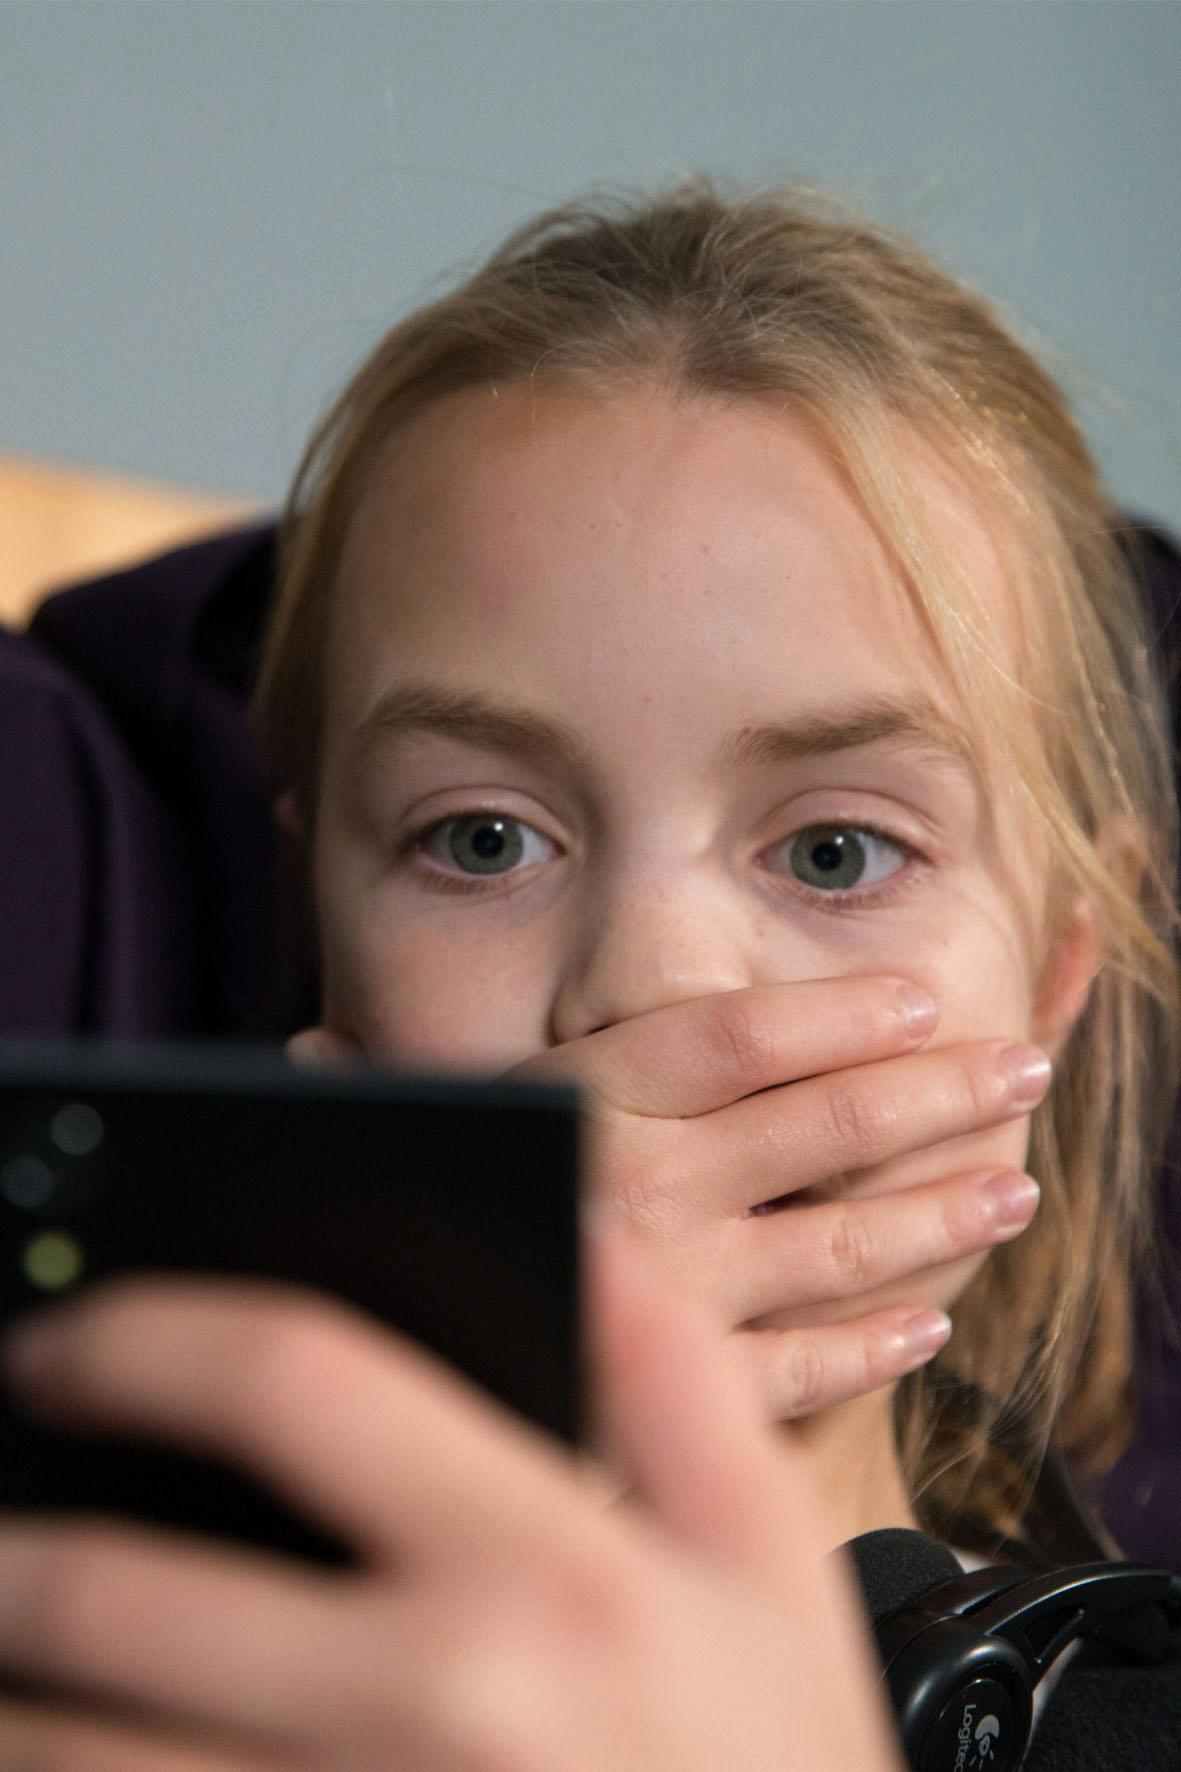 Kind erlebt Hass im Netz